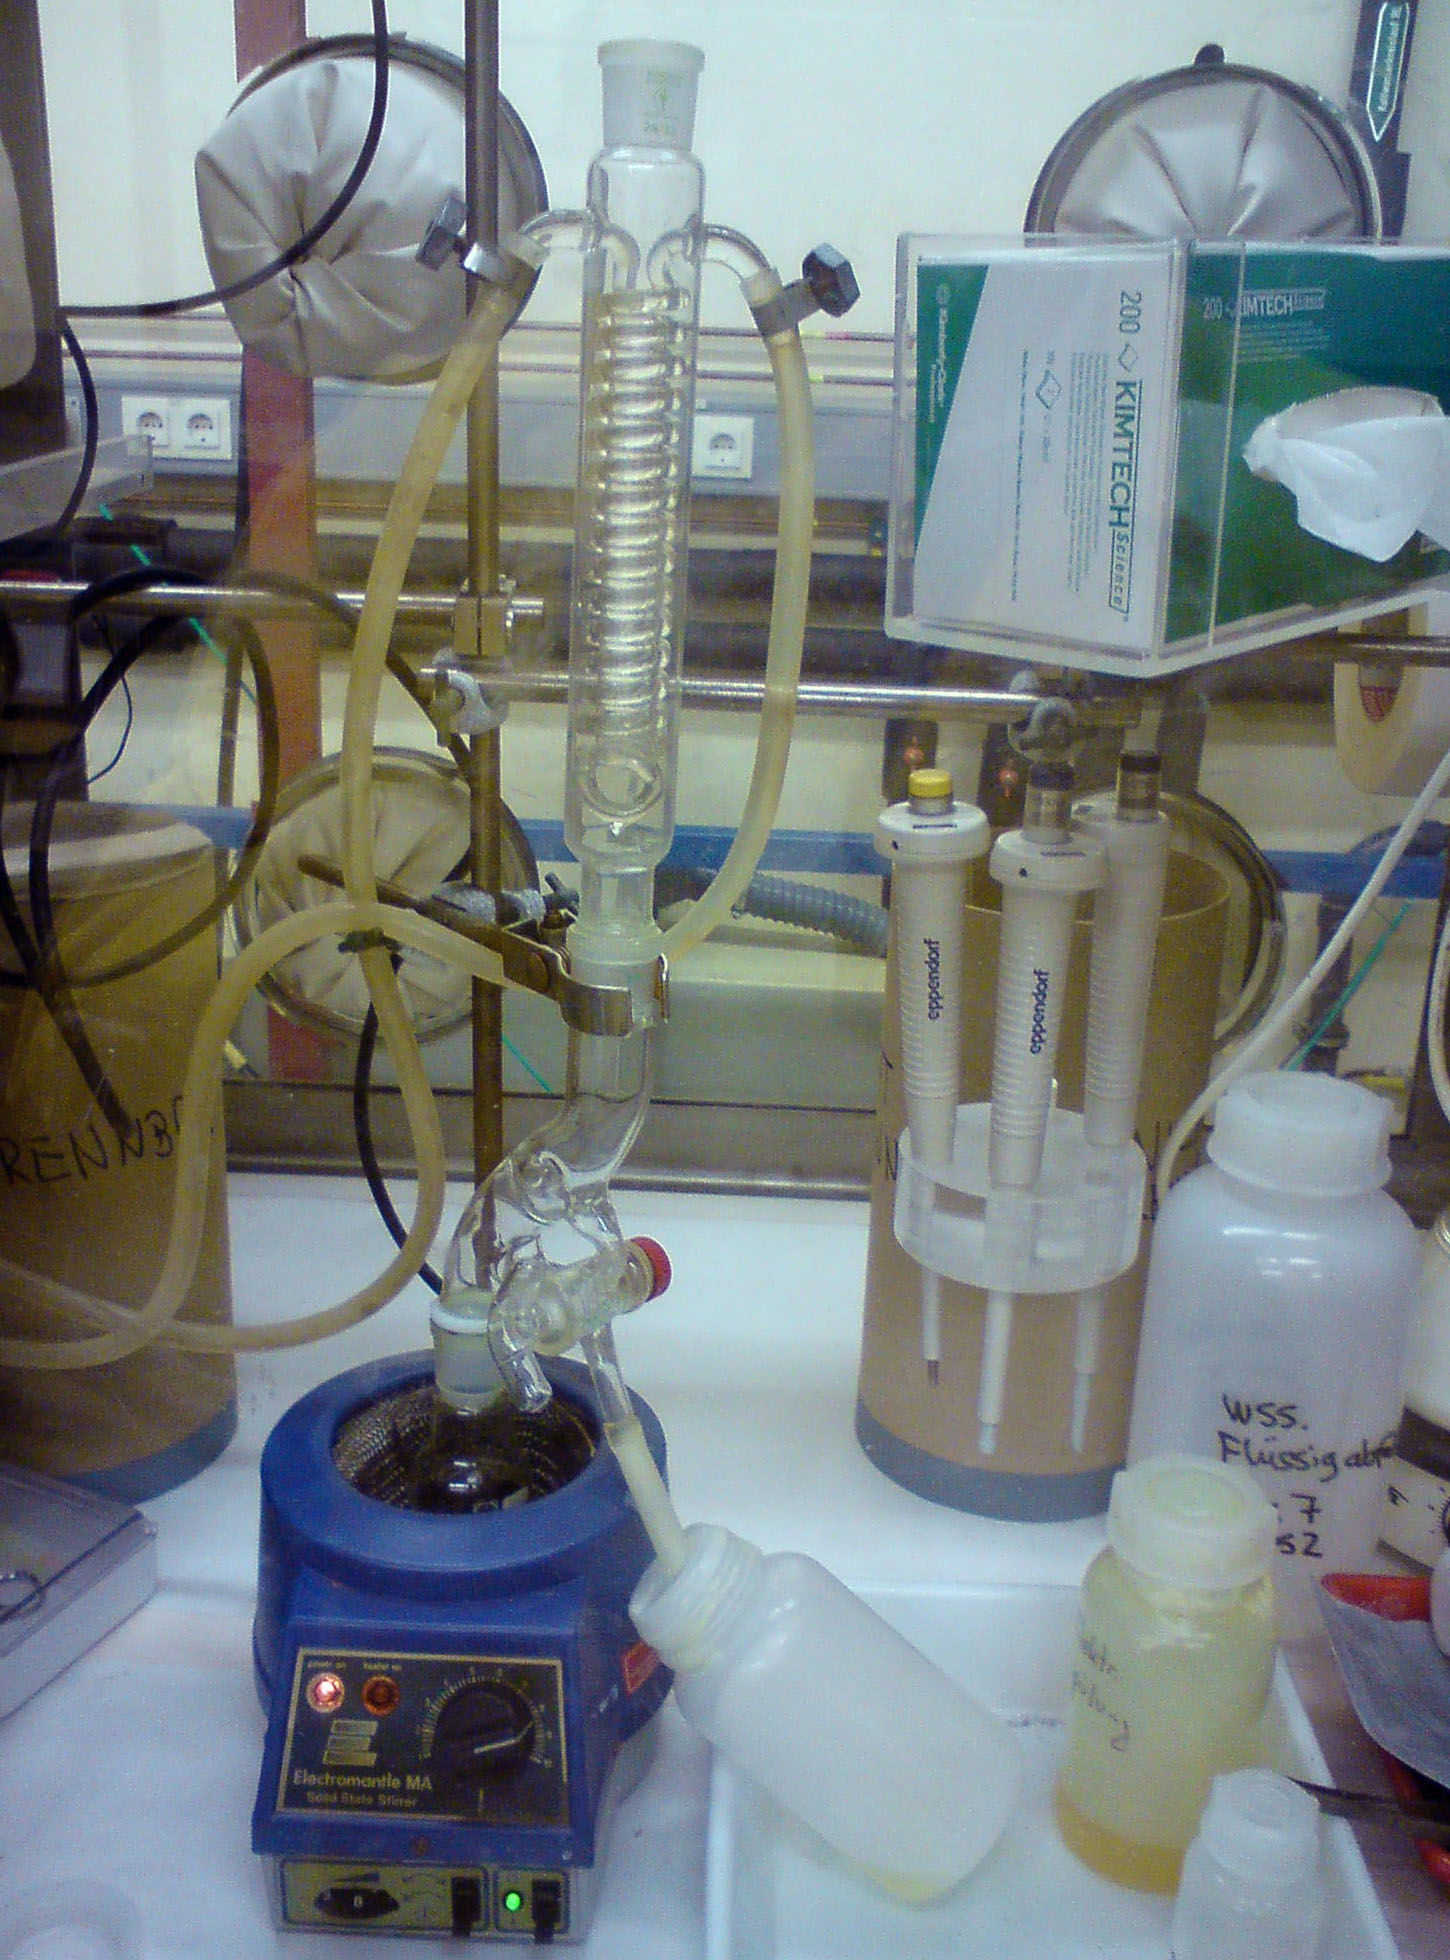 Начало очистки нептуния от америция и плутония. Первая фаза - выпаривание азотной кислоты и последующее растворение солей в соляной кислоте